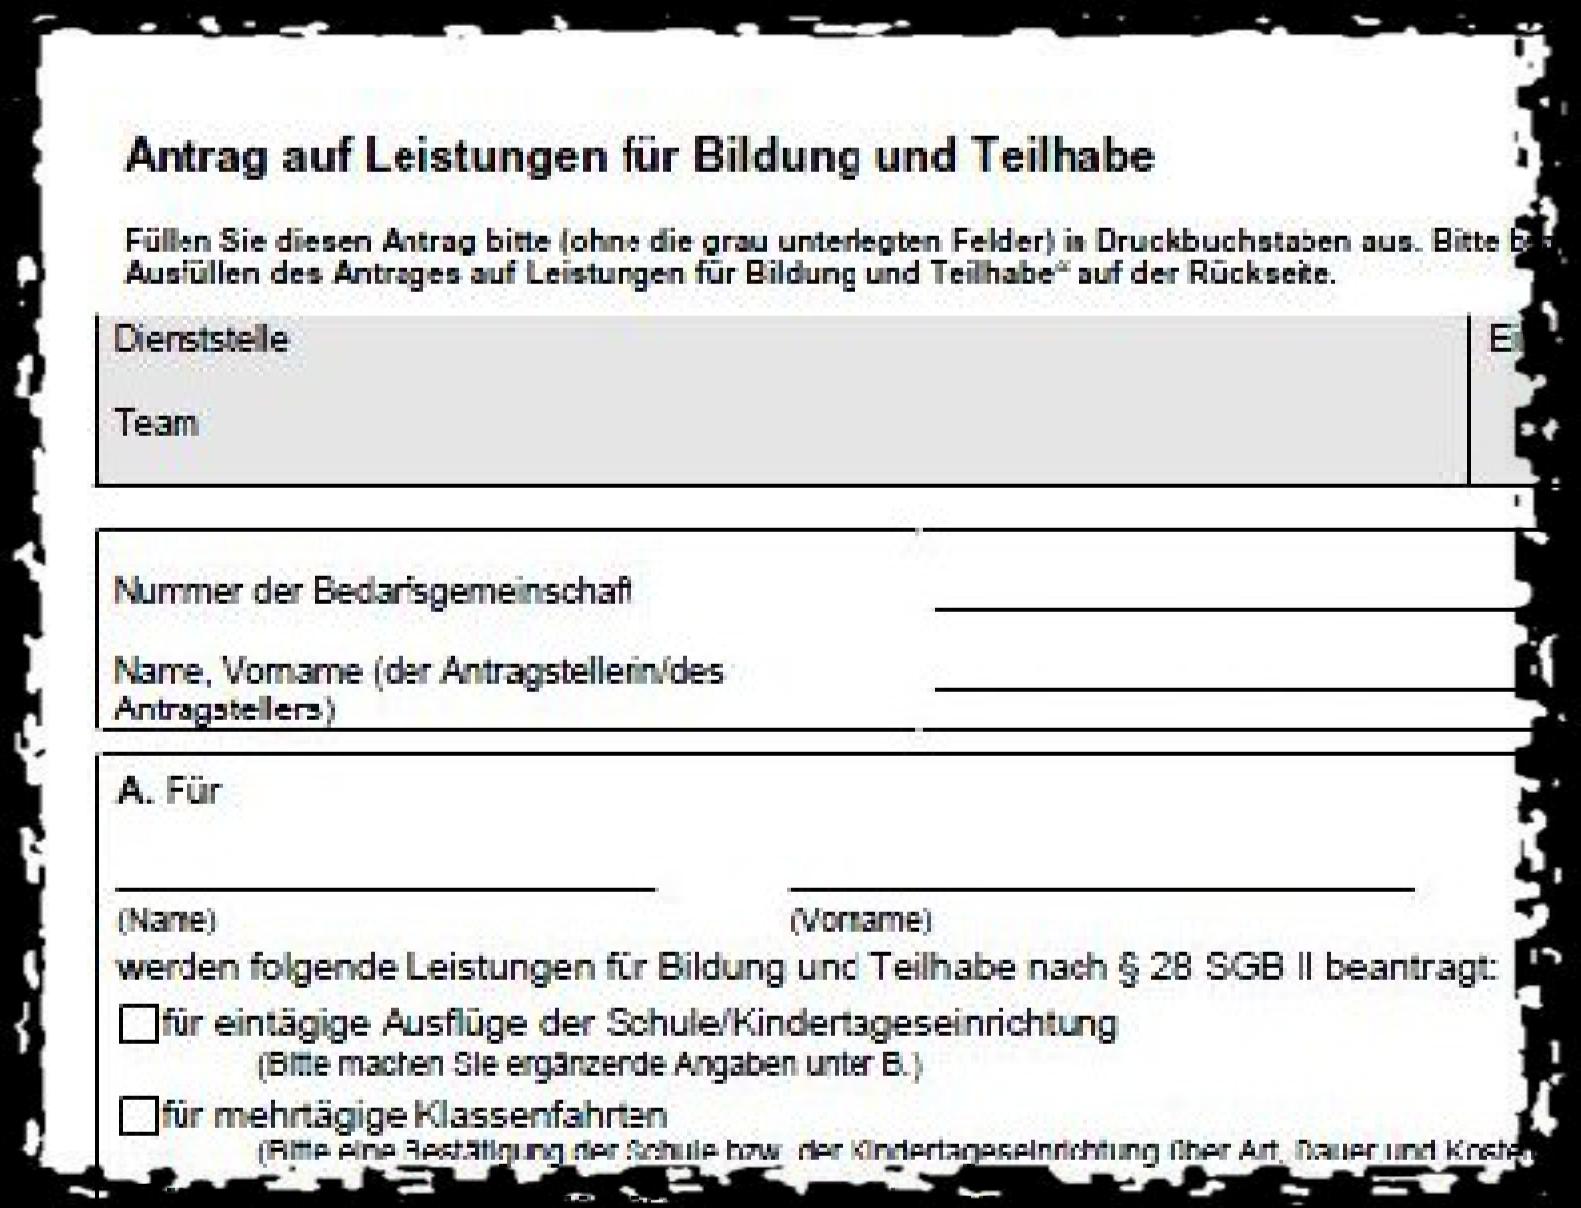 Formular-Ausriss des Antrags auf Leistungen für Bildung und Teilhabe